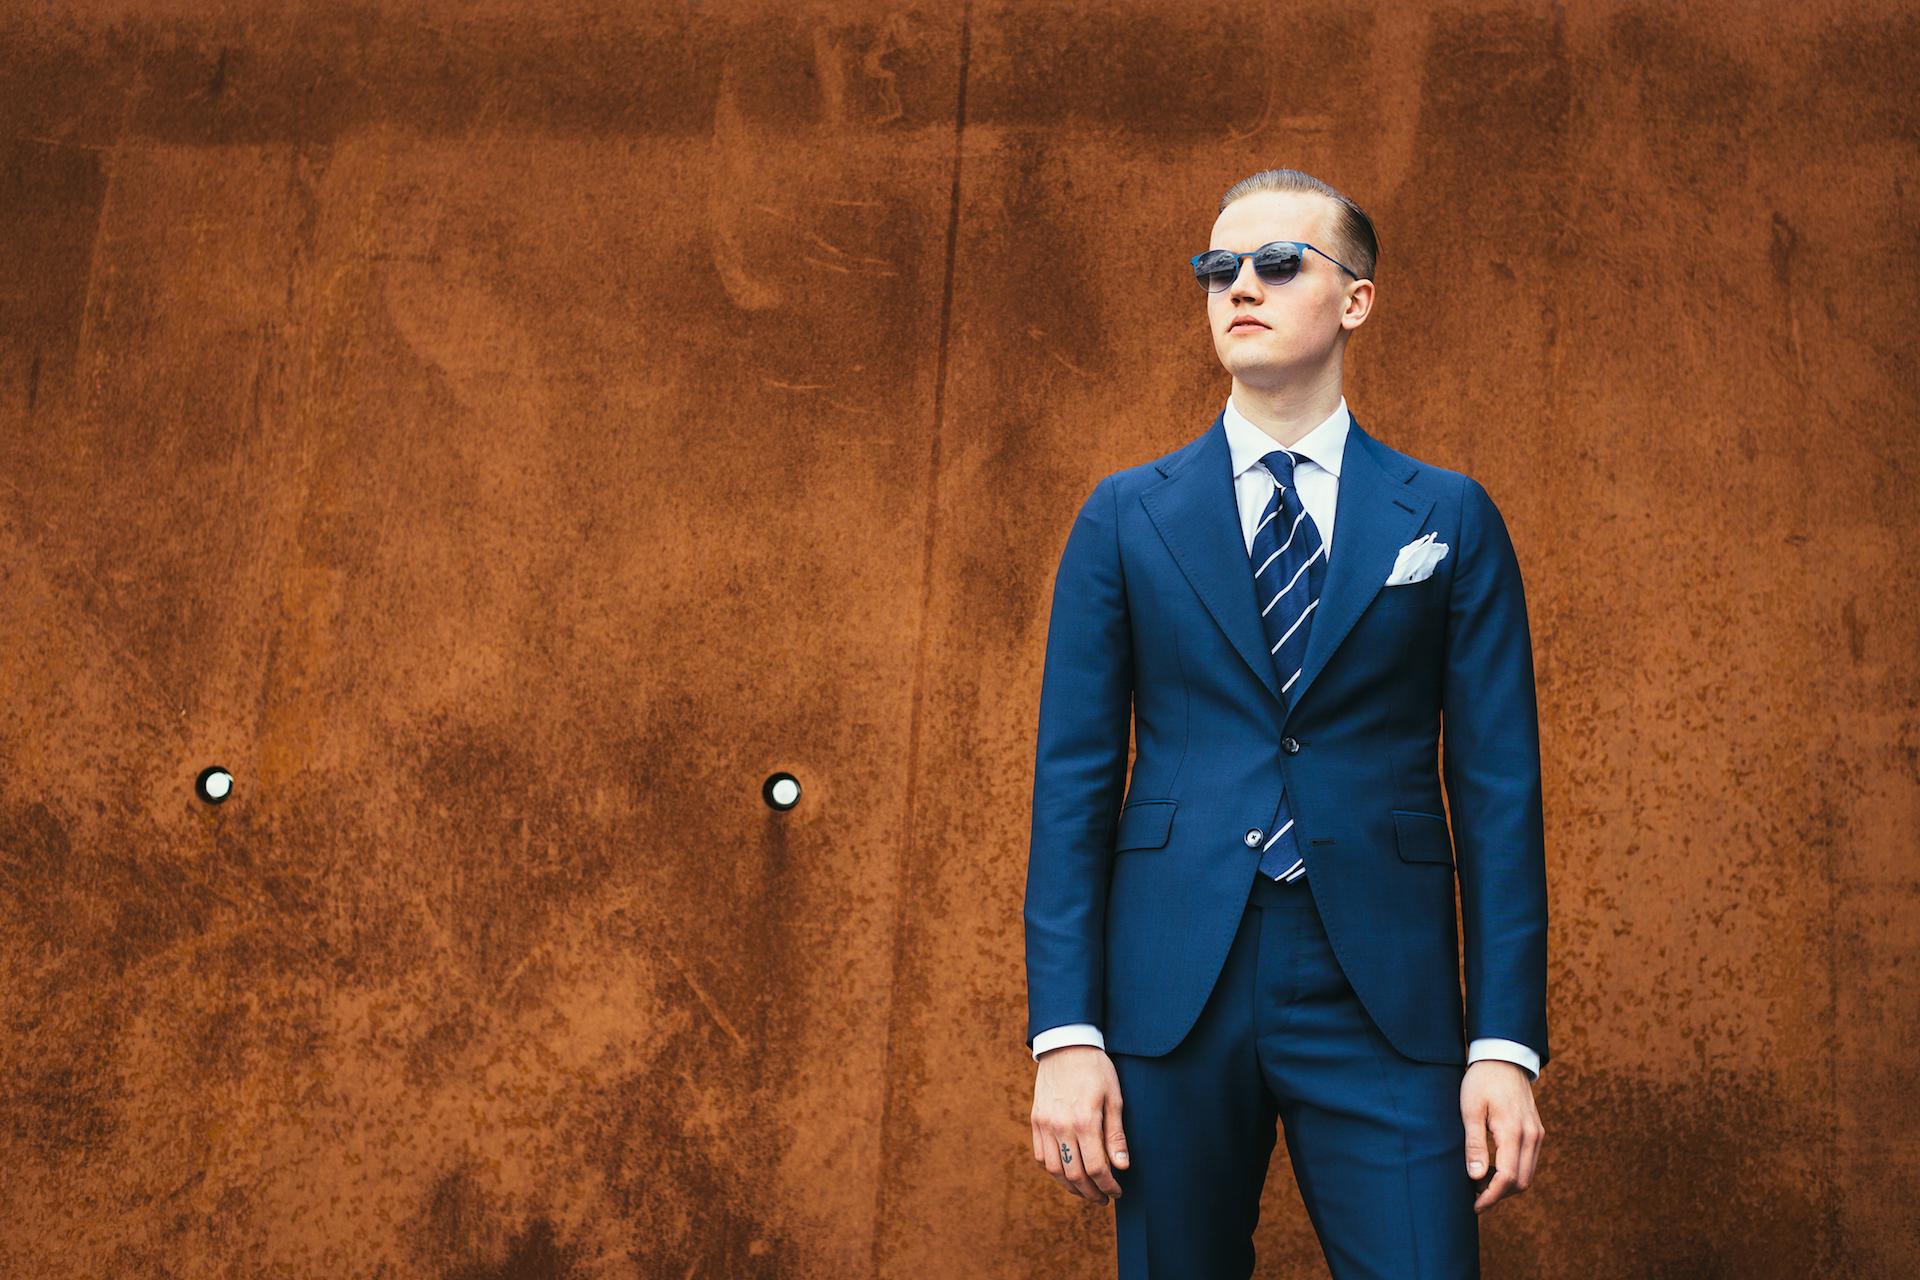 Miesten pukeutuminen - 4 askelta hyvään tyyliin